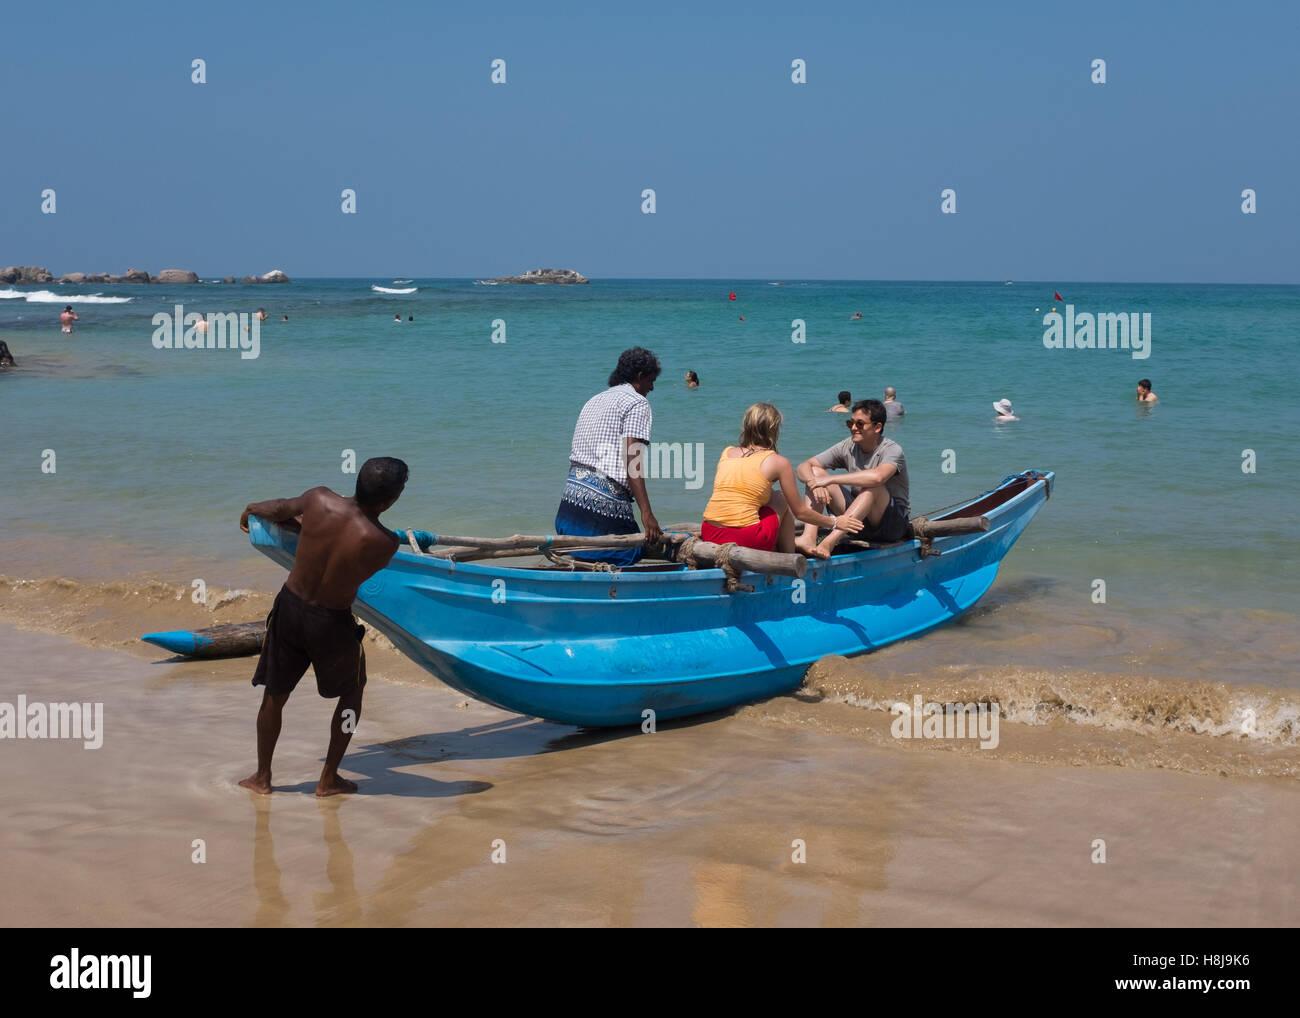 Los turistas tomando un viaje en un barco de pesca de Sri Lanka Imagen De Stock